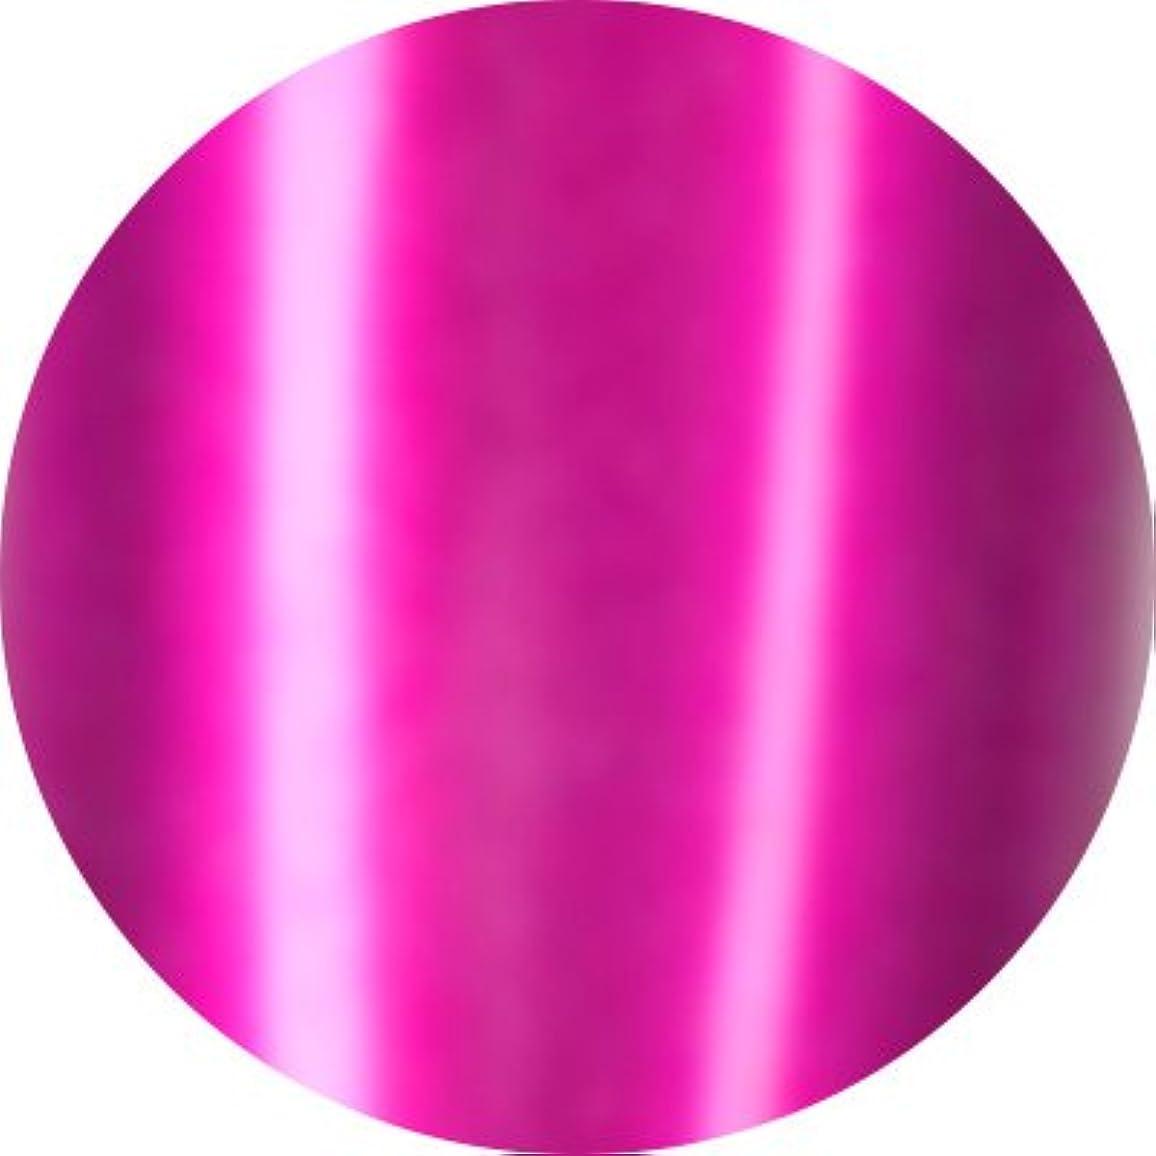 豚肉不測の事態野なJewelry jel(ジュエリージェル) カラージェル 5ml<BR>メタリック MT022